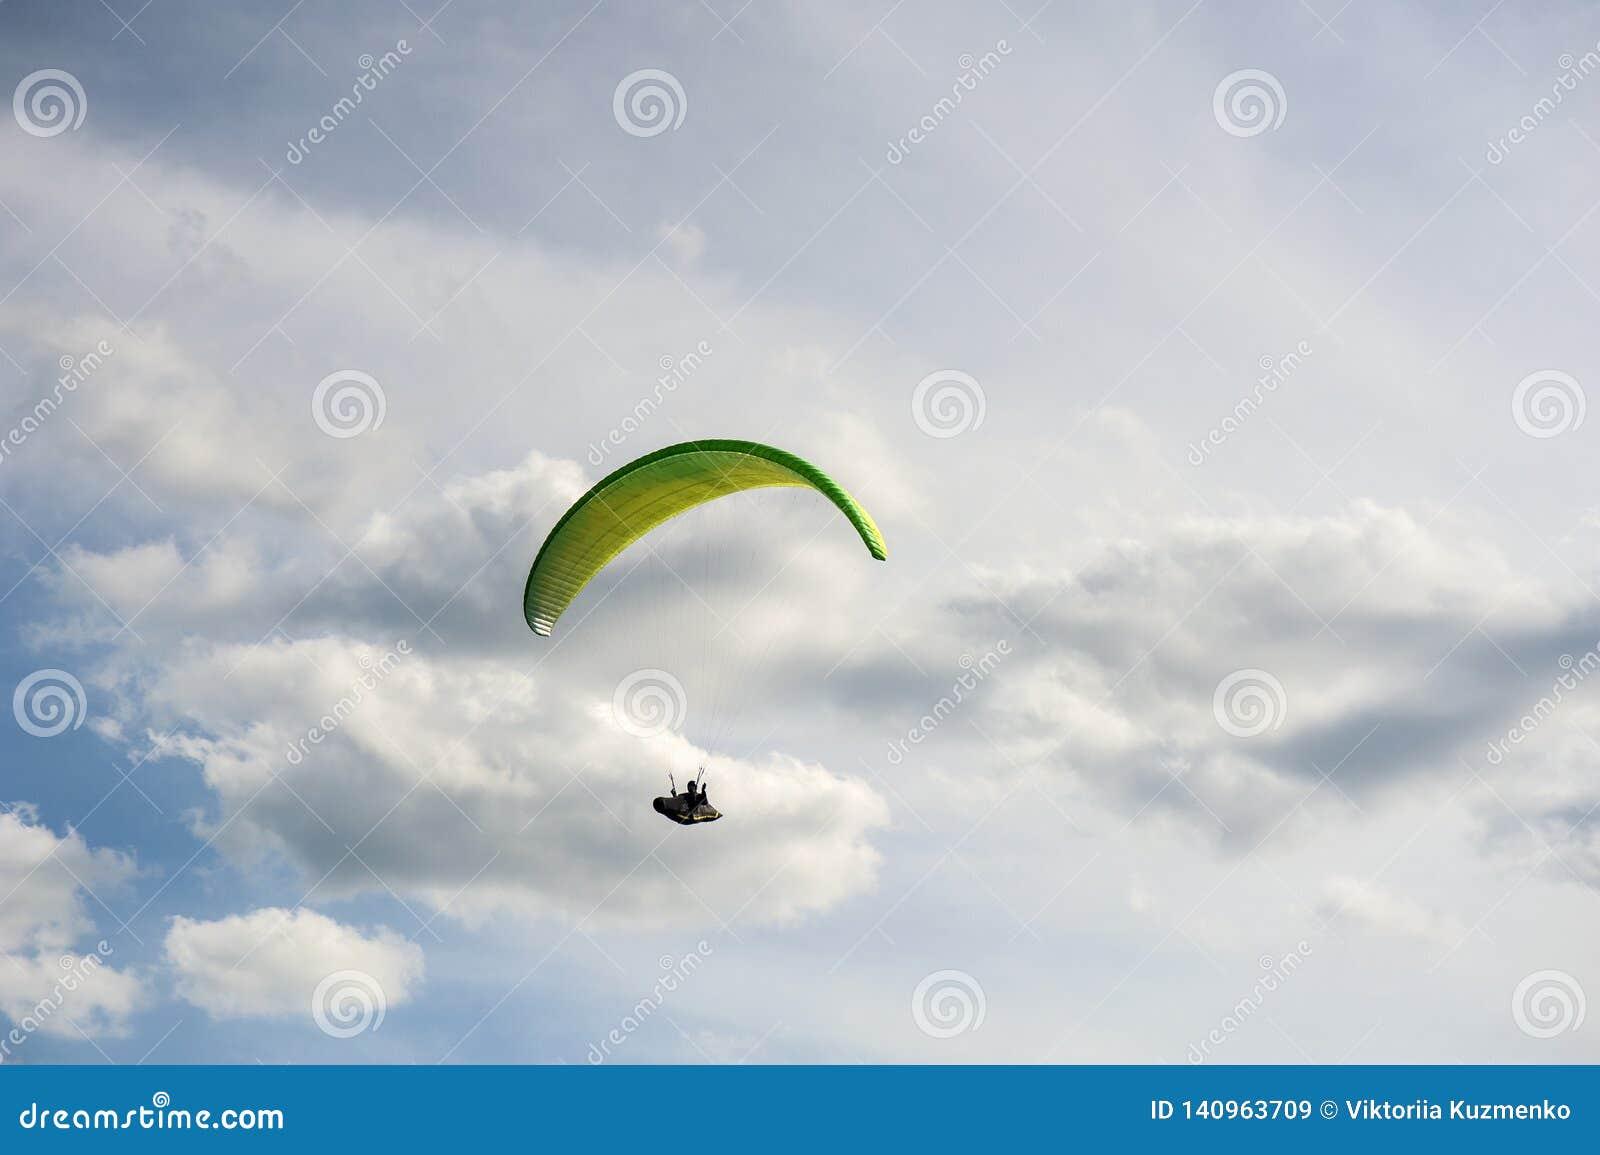 黄色和绿色滑翔伞是在天空蔚蓝的飞行以云彩为背景